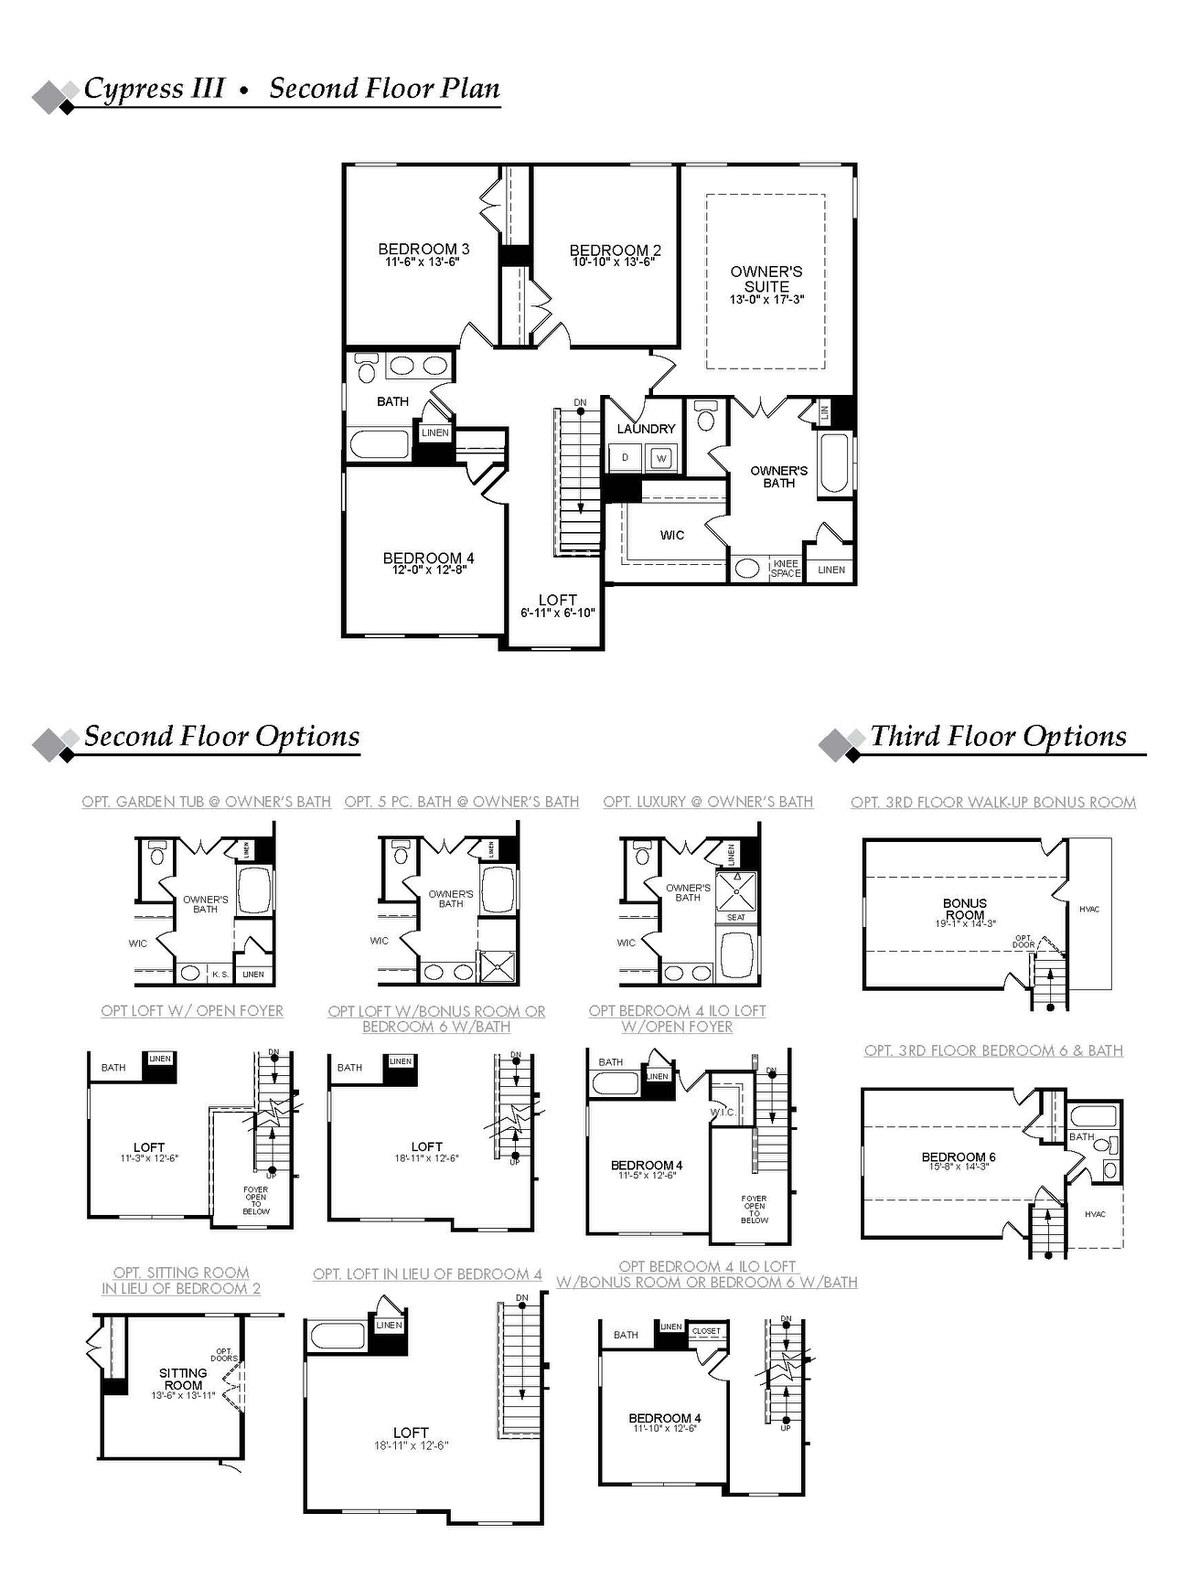 Cypress III Second Floor Image